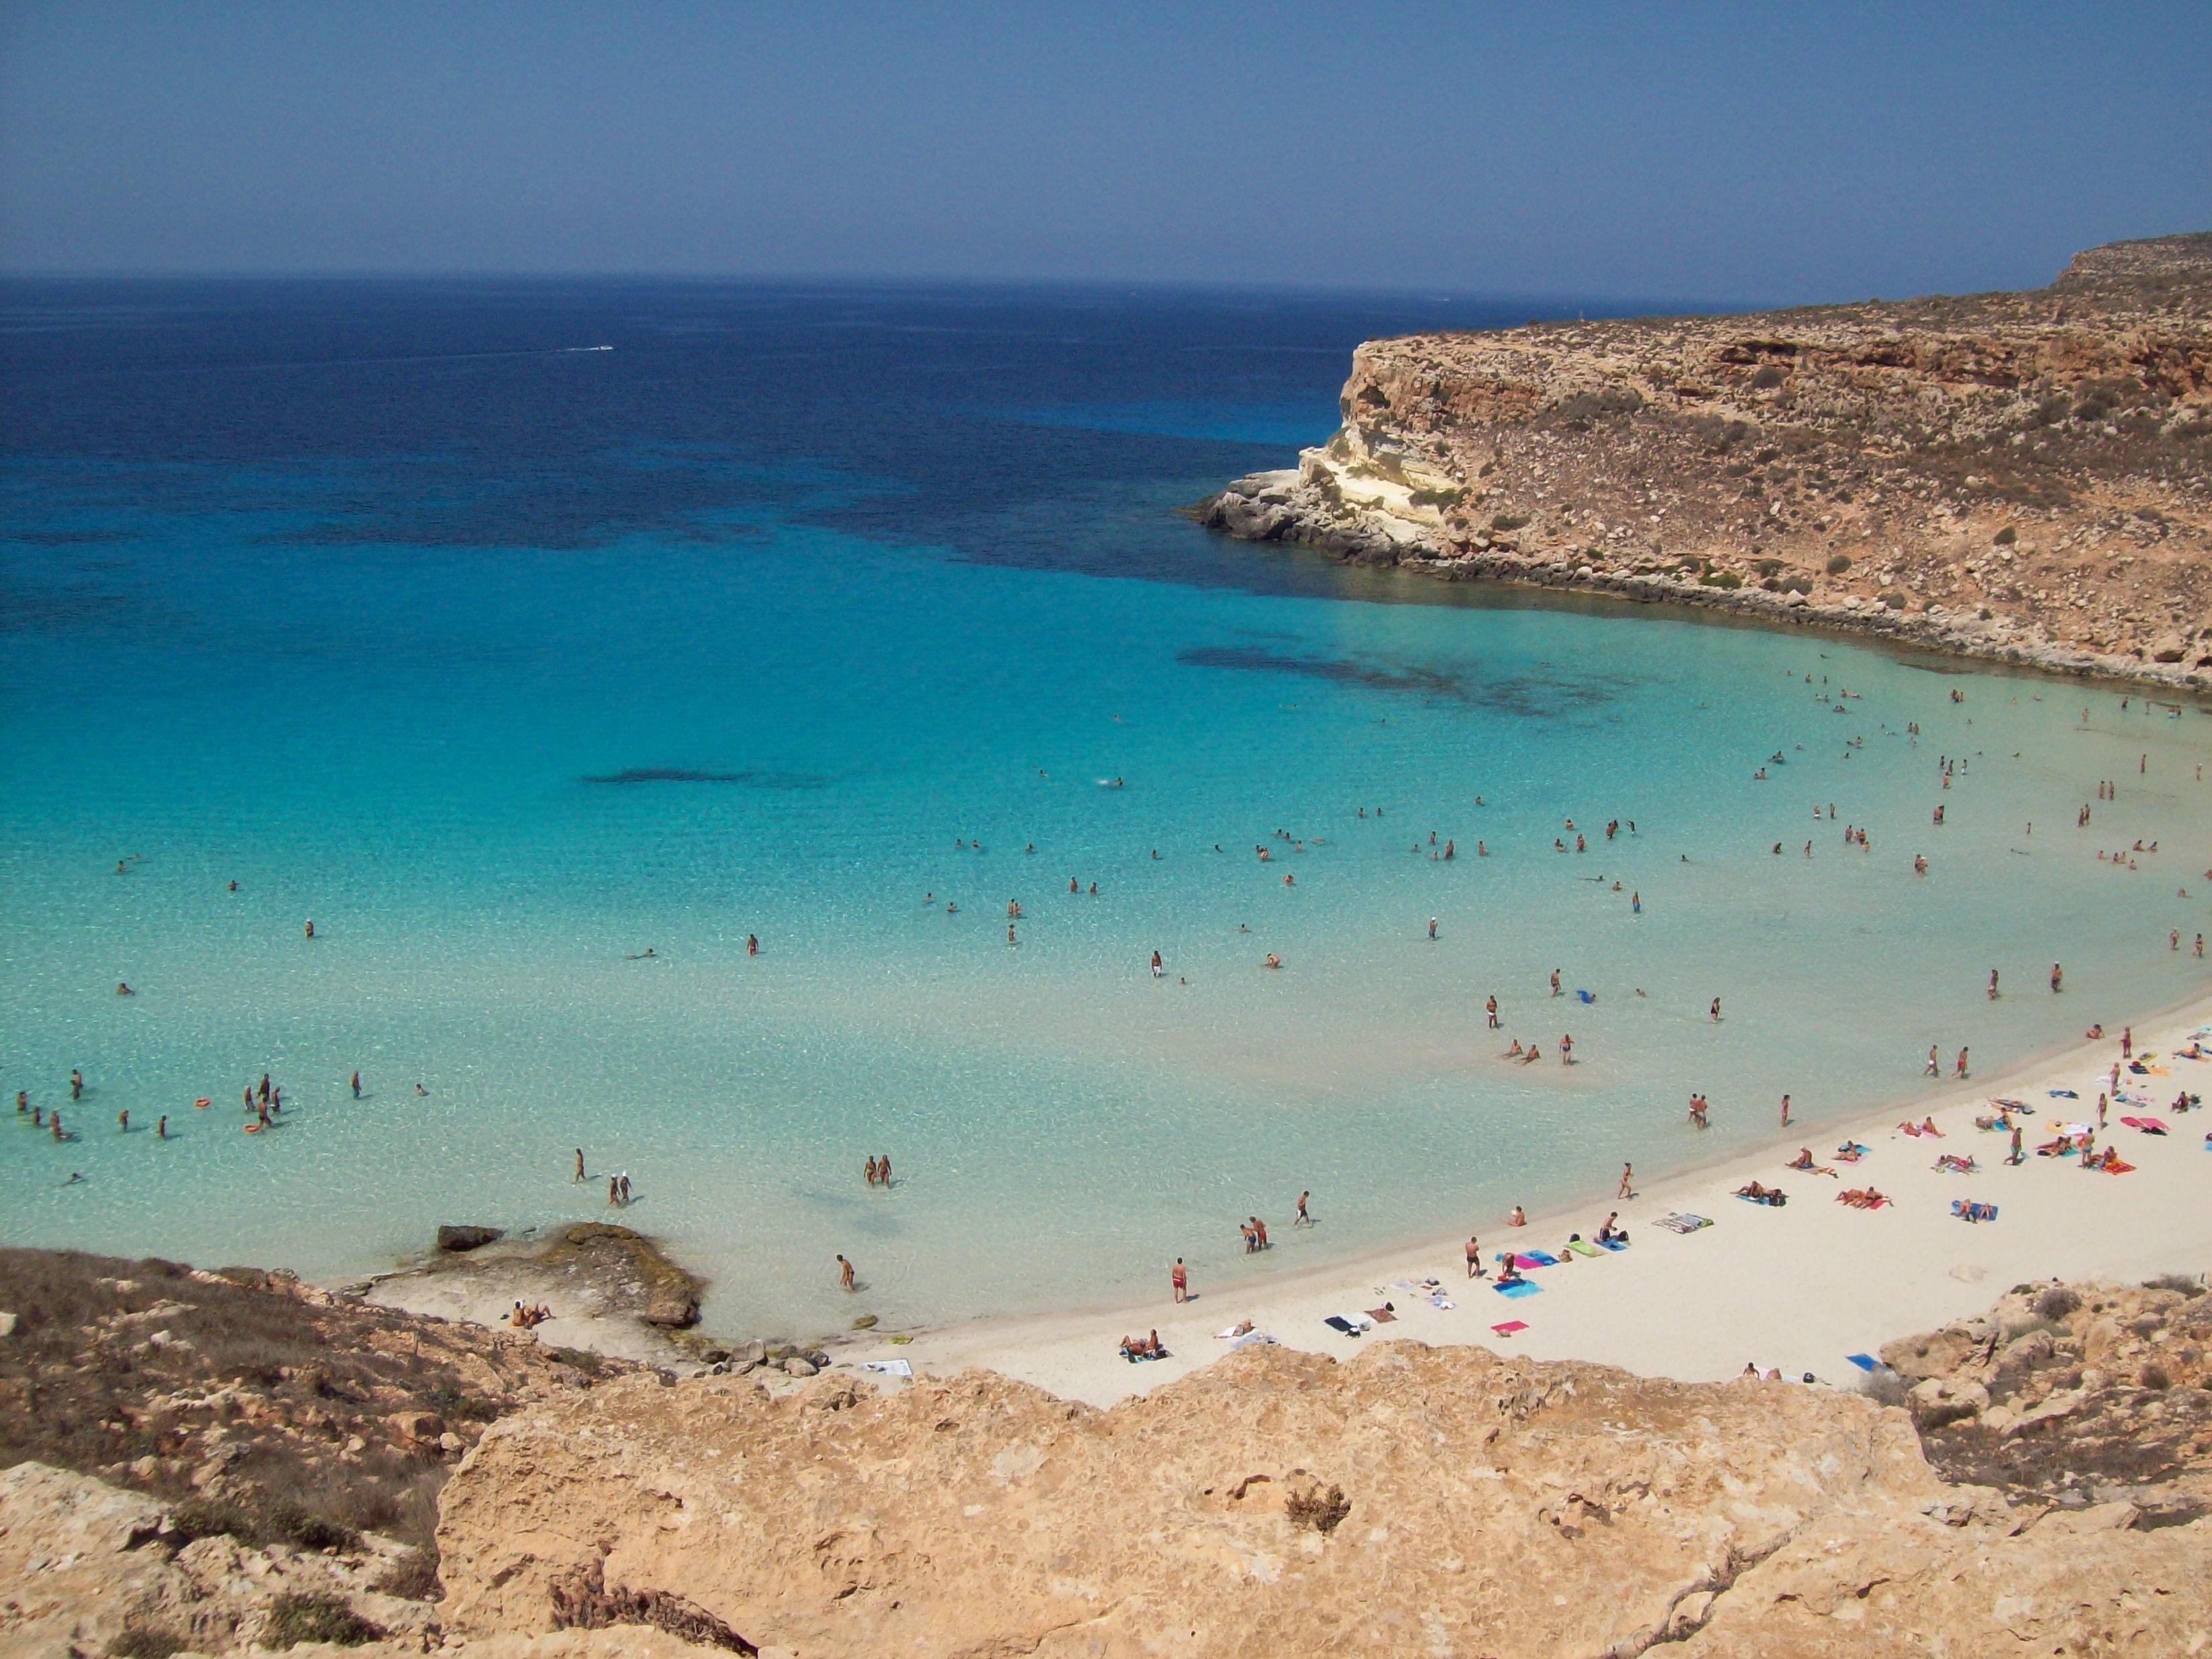 Spiaggia dei Conigli, Lampedusa, Sicily Spiaggia dei Conigli, Lampedusa, Sicily new foto